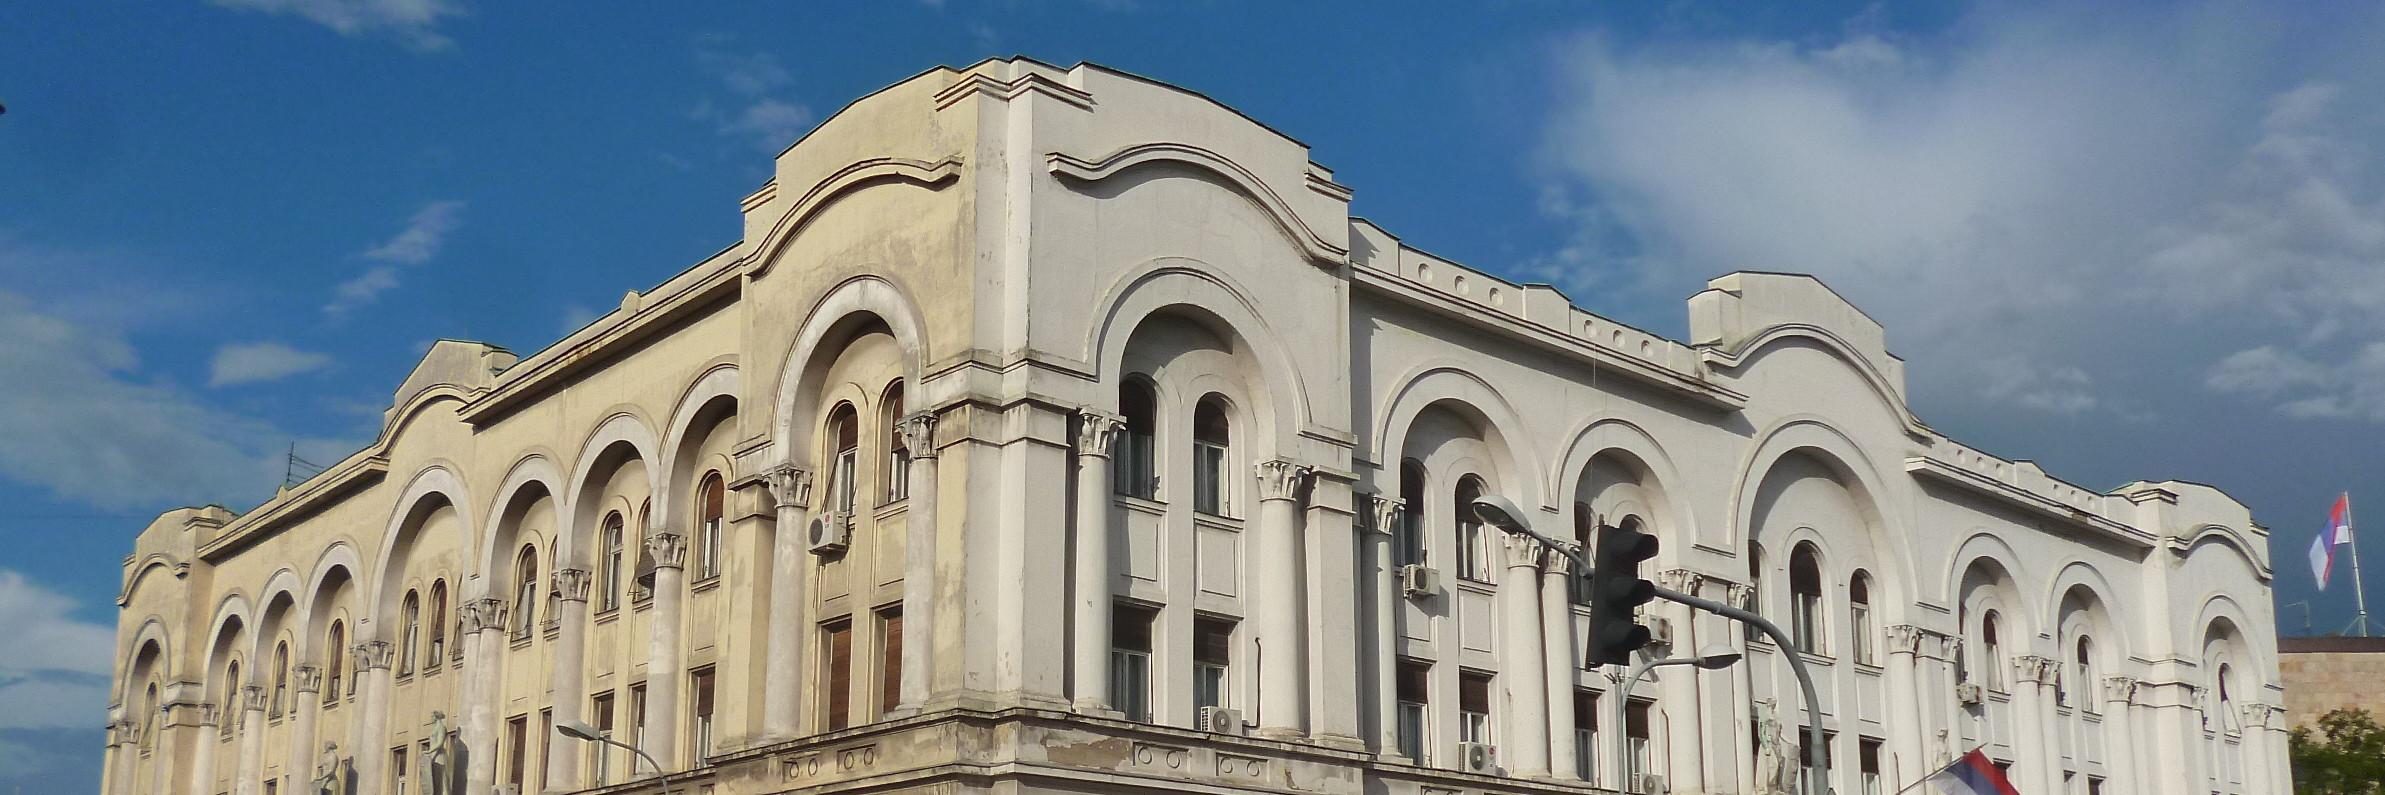 Банский двор